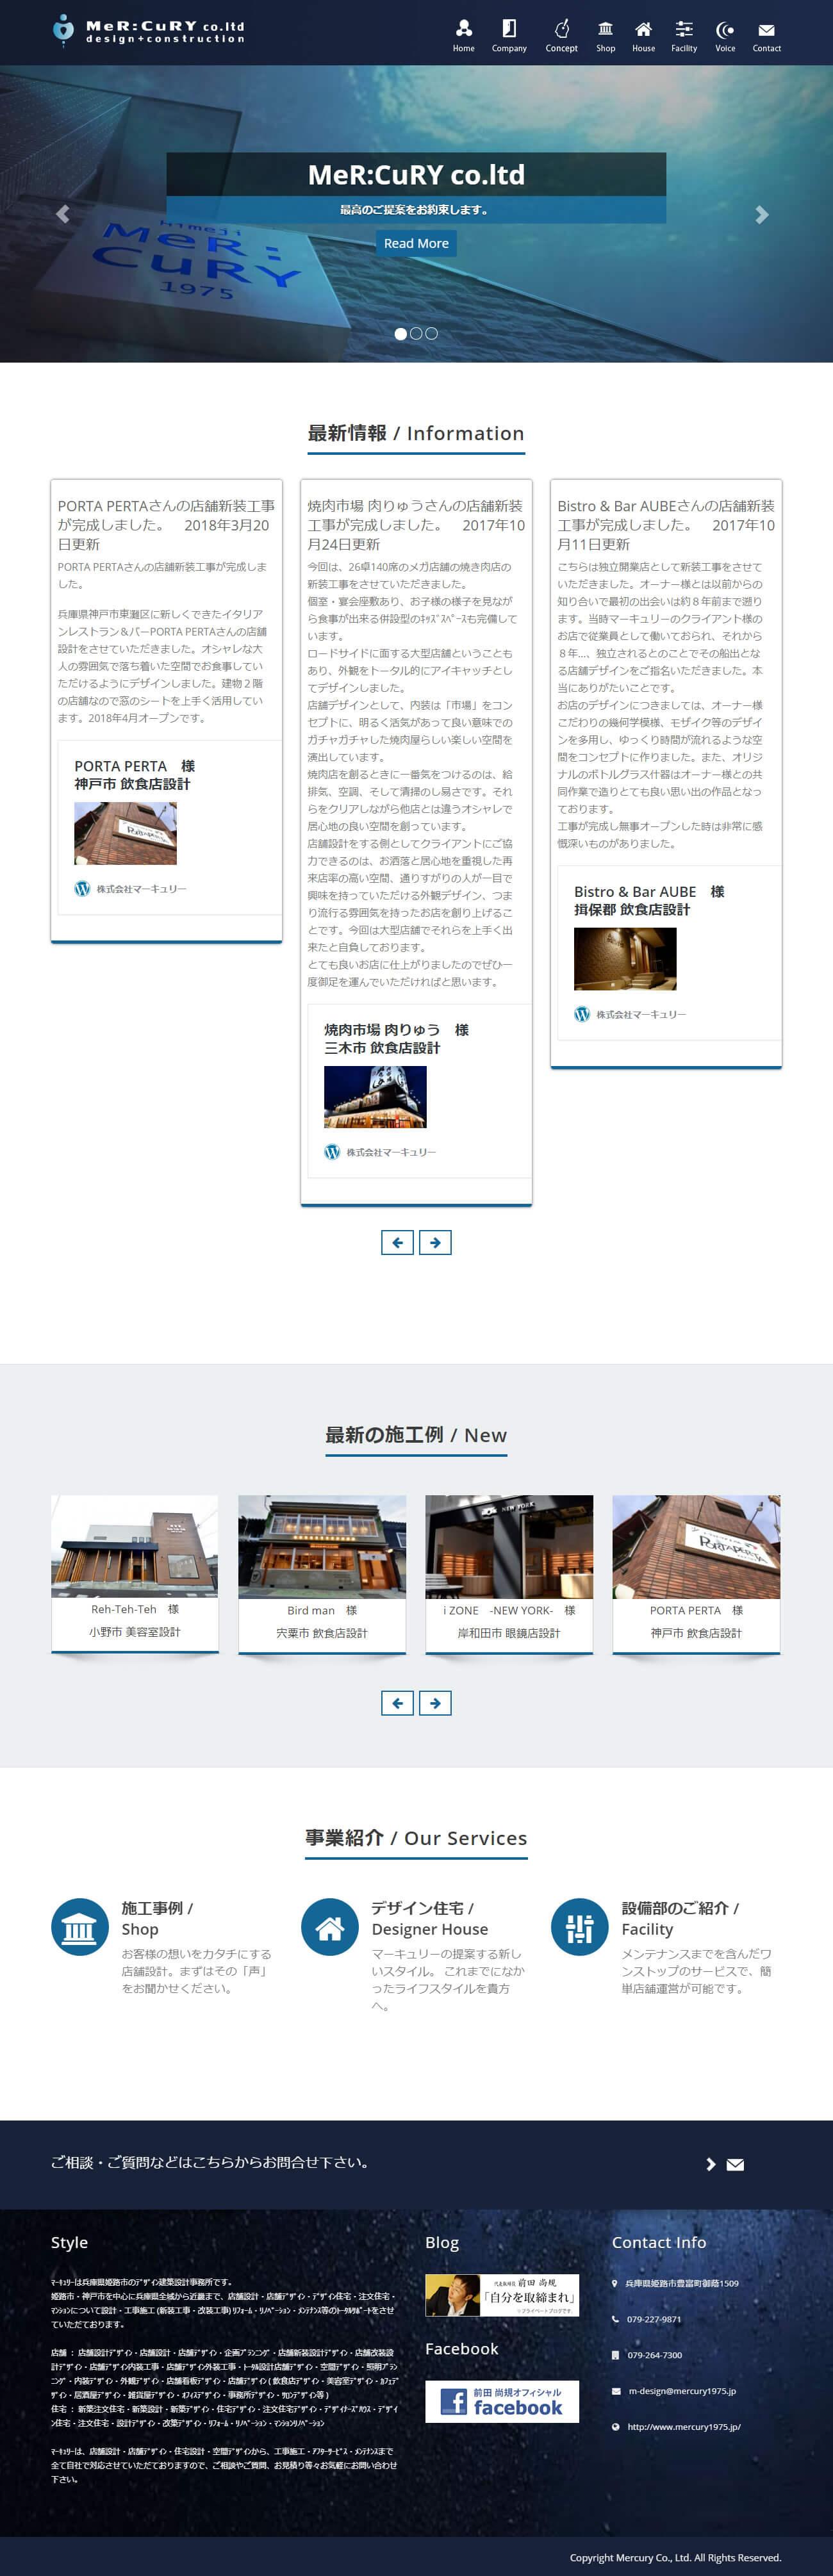 姫路市 株式会社マーキュリー様 ホームページ制作1